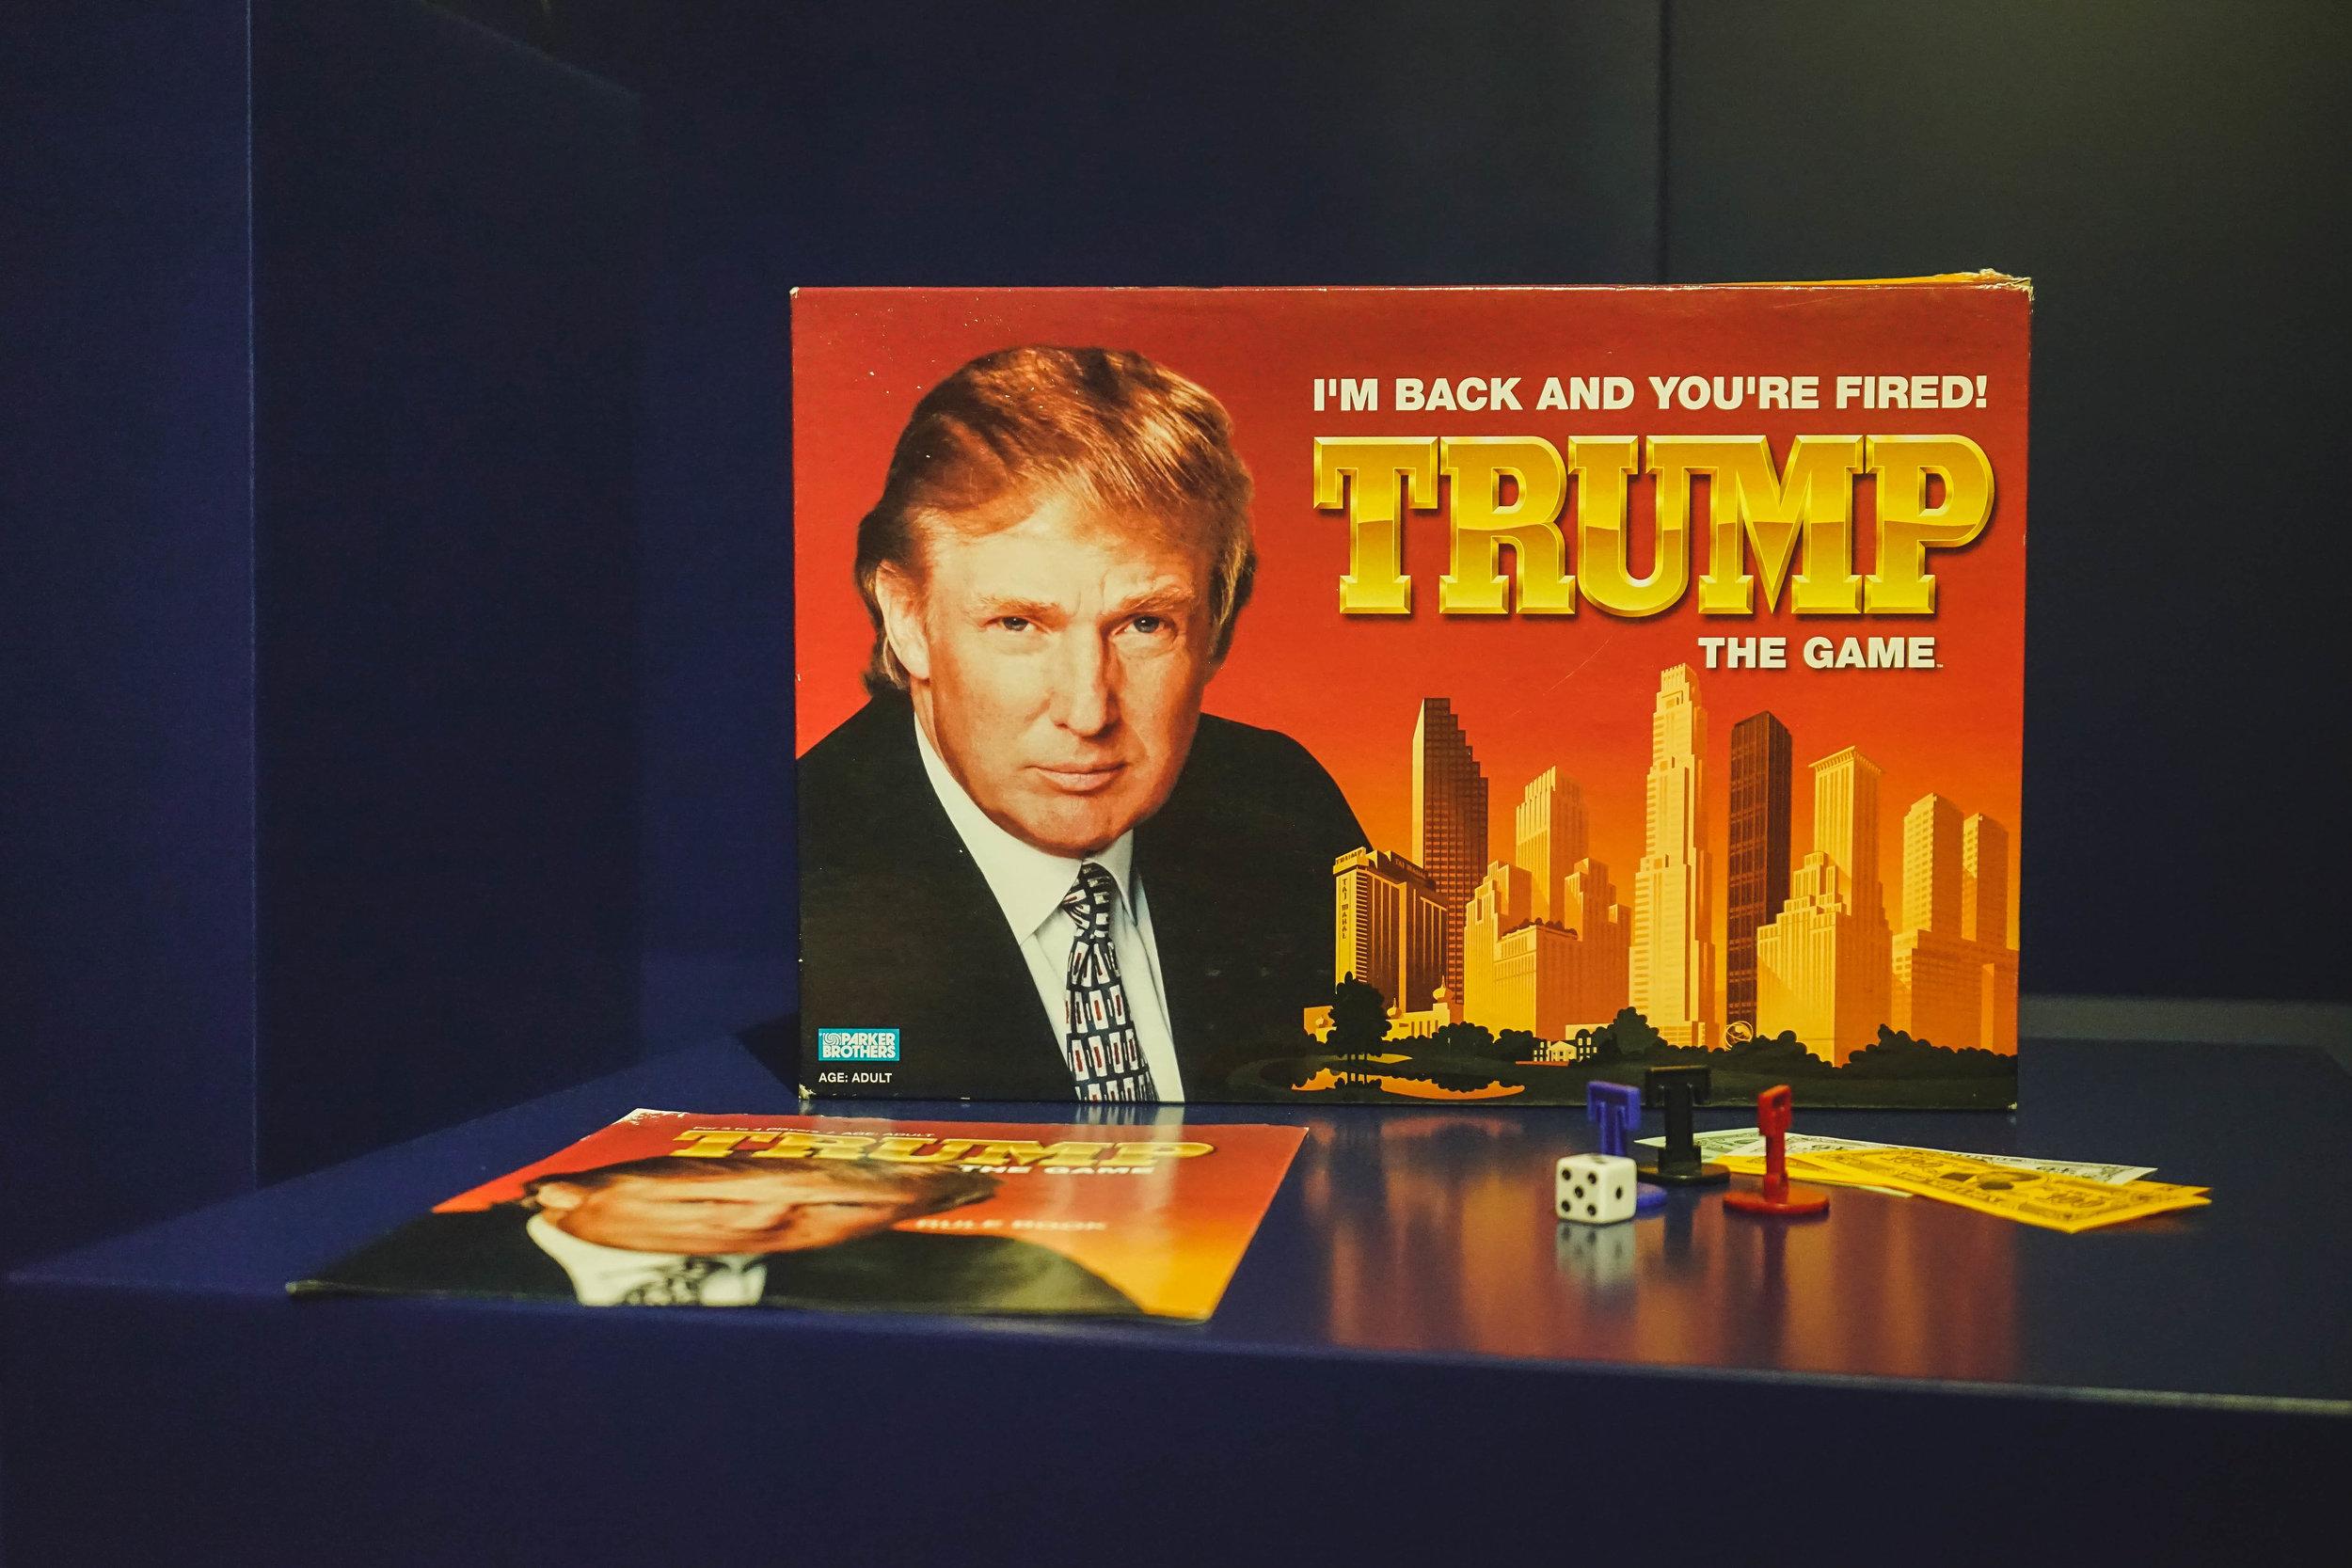 美國總統侵侵也憑藉以他為設計主軸的大富翁打入博物館,「You Are Fired!」